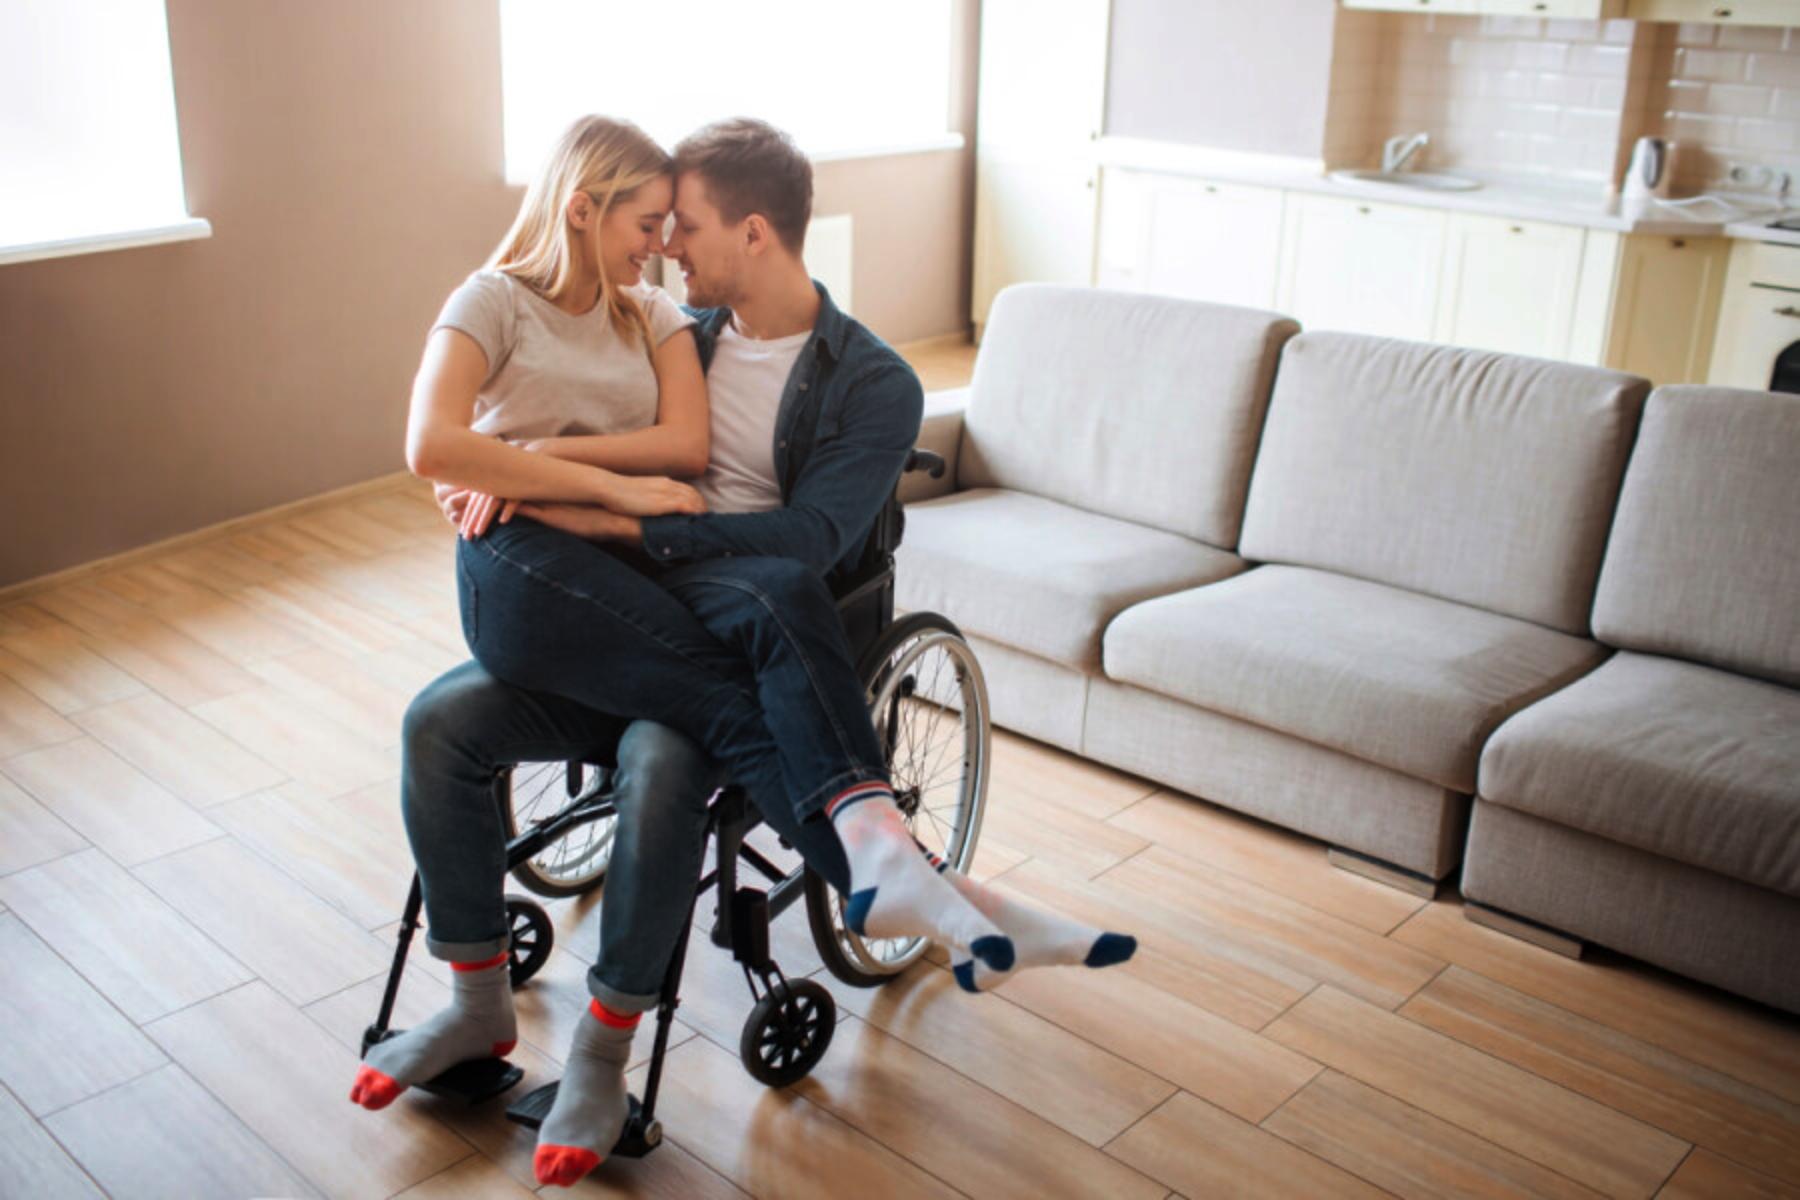 Σεξουαλική υγεία: Ο,τι μπορεί να απασχολεί έναν άνδρα μετά από παράλυση [pic,vid]